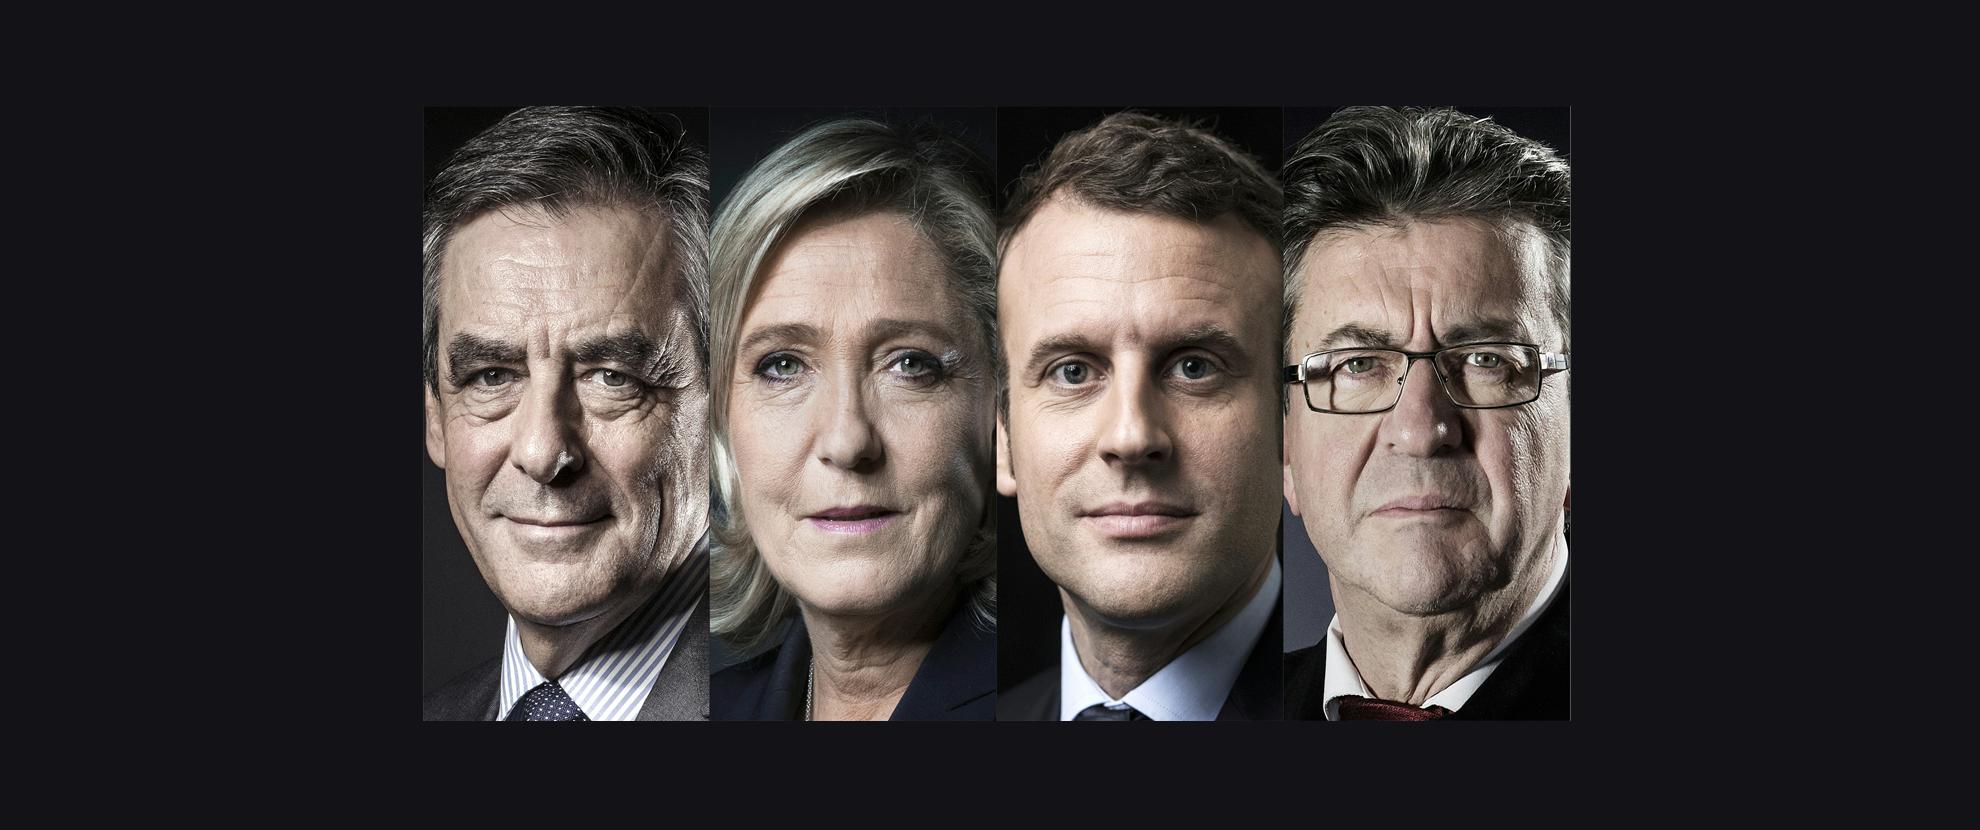 Les 4 candidats principaux, selon les sondages, à l'élection présidentielle en France.